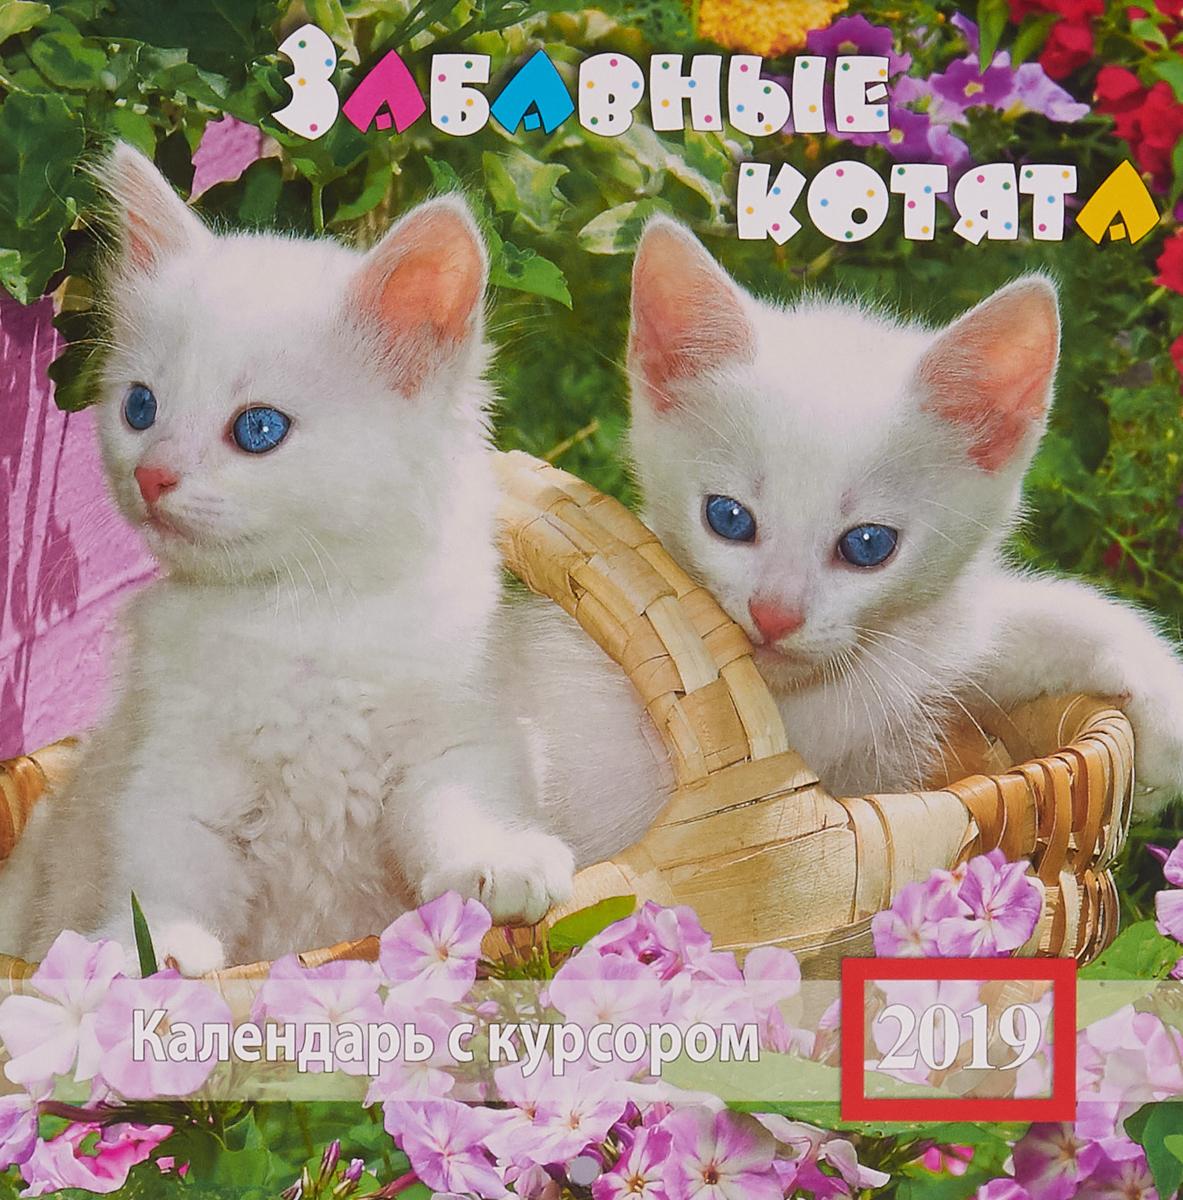 Календарь на скрепке с курсором на 2019 год. Забавные котята календарь 2018 на скрепке краски природы